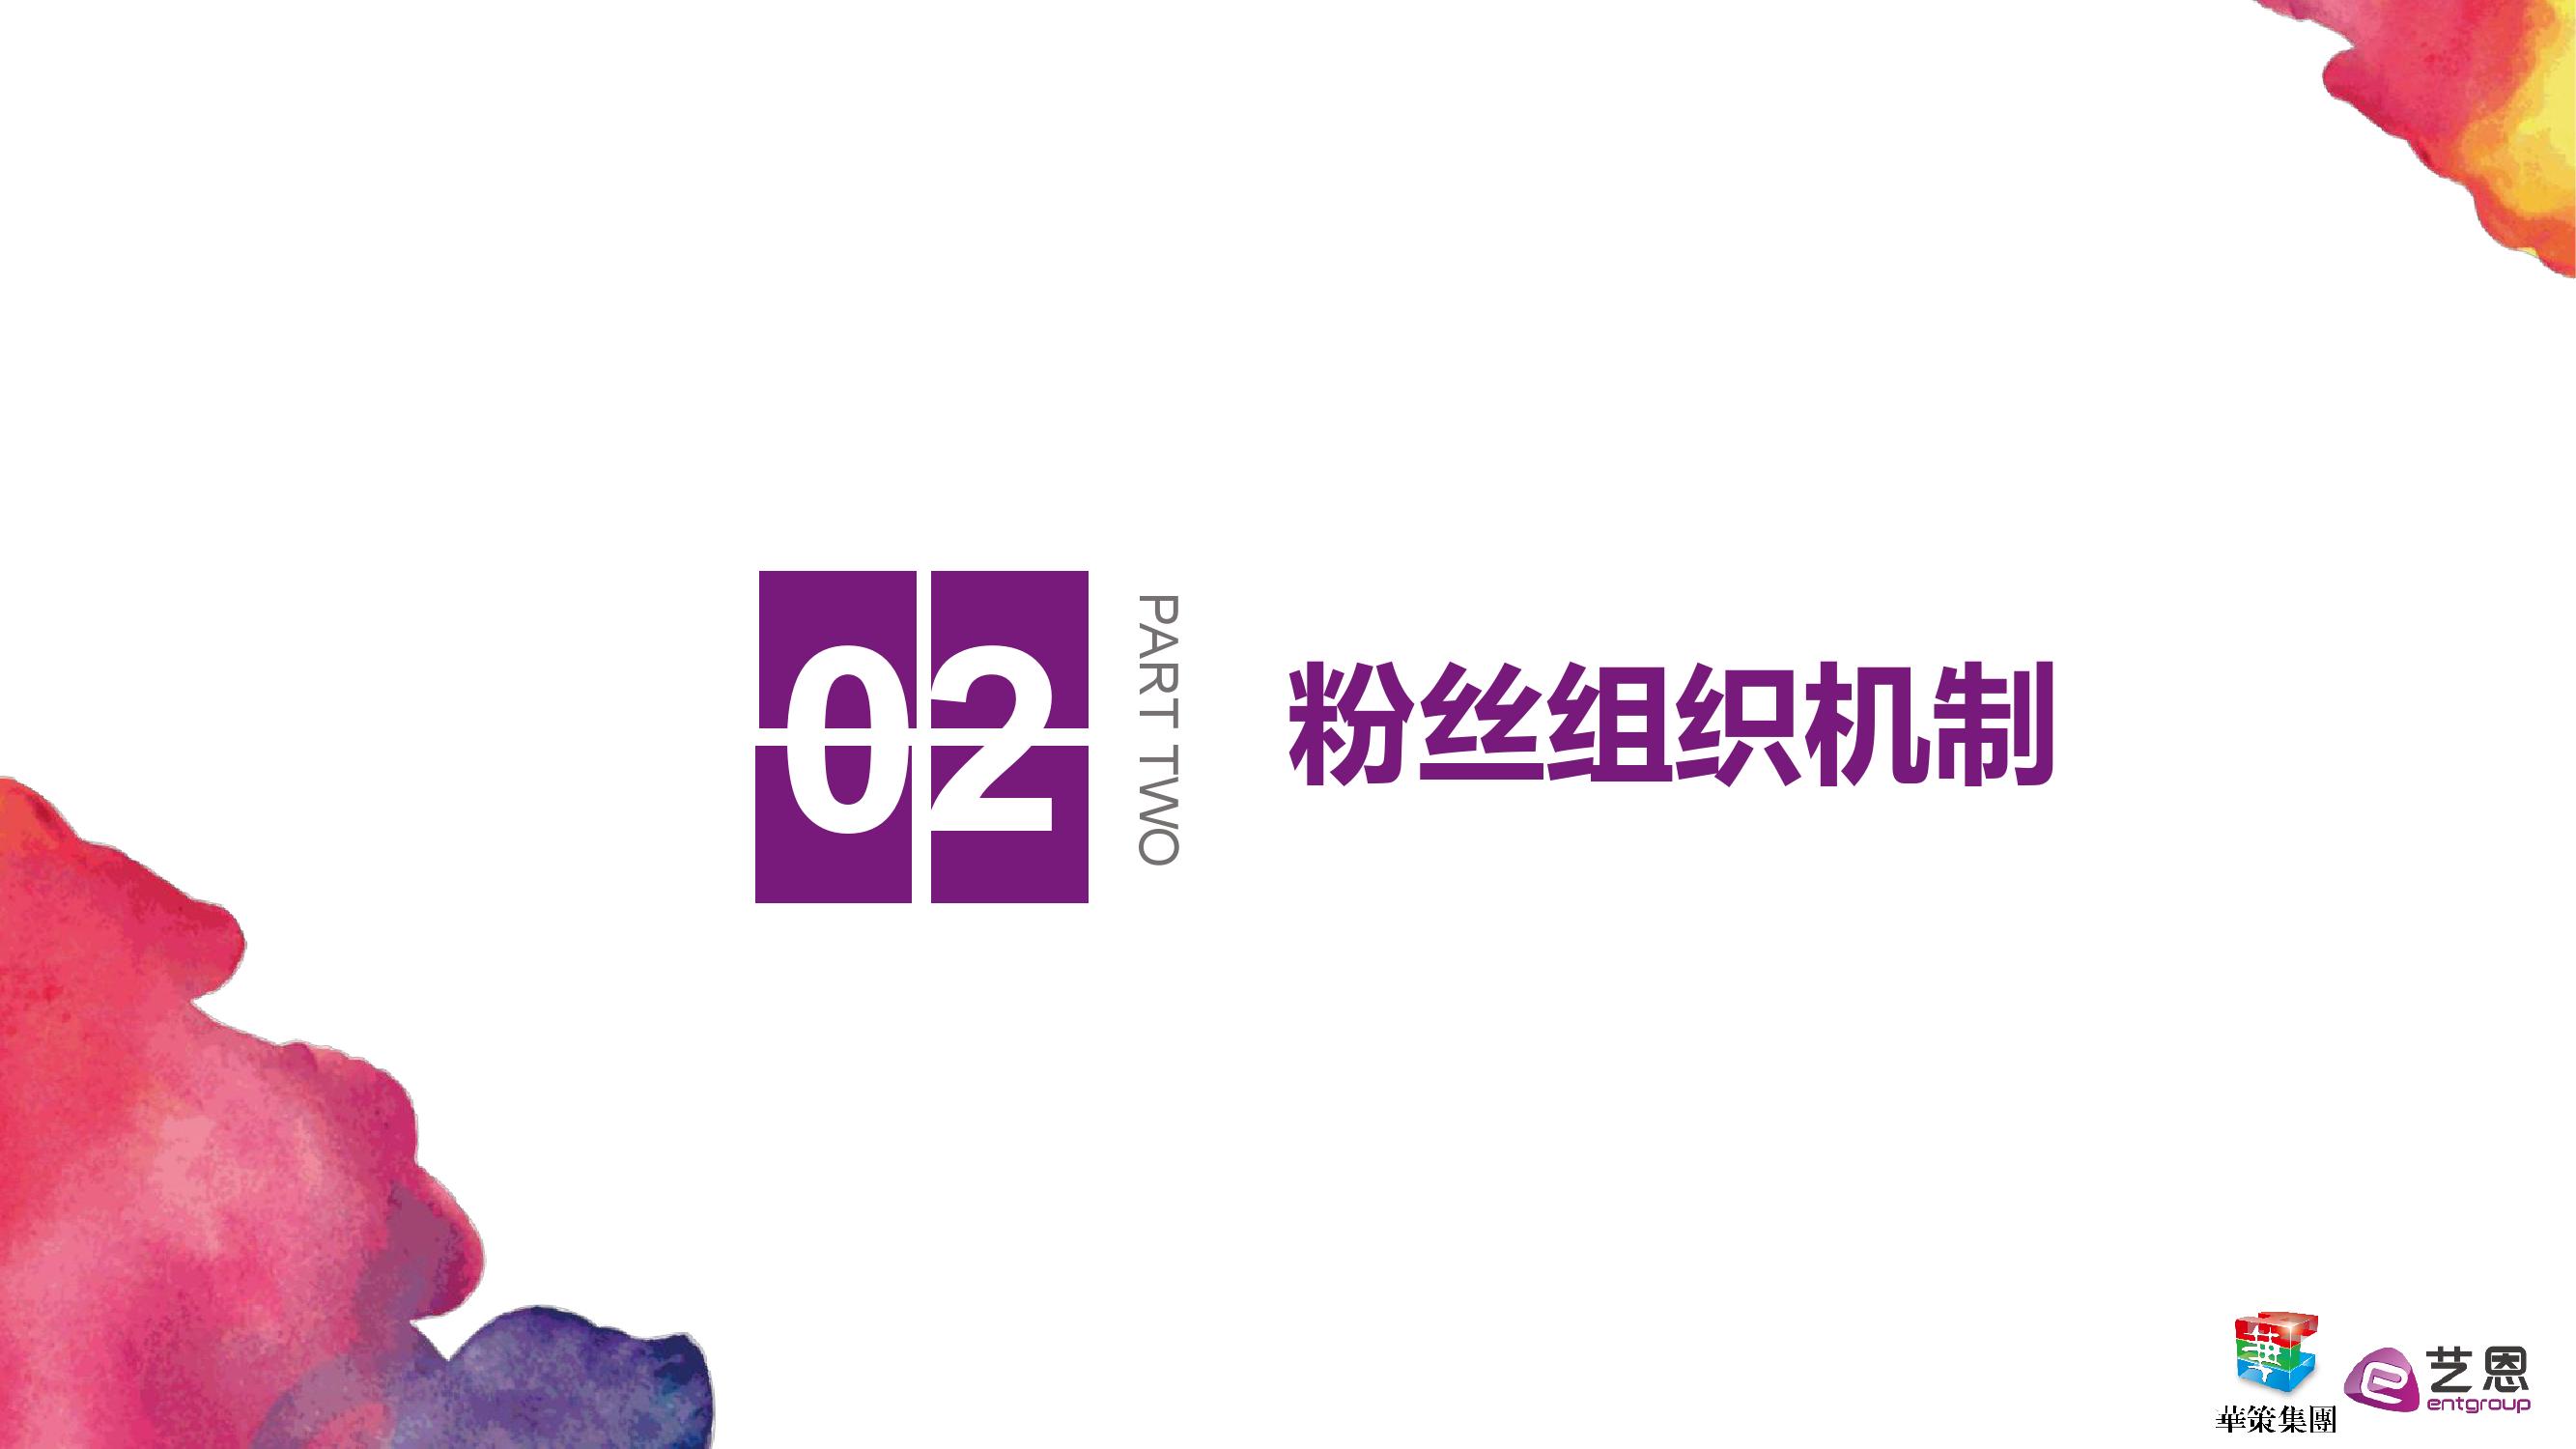 艺恩:粉丝经济研究报告_000013